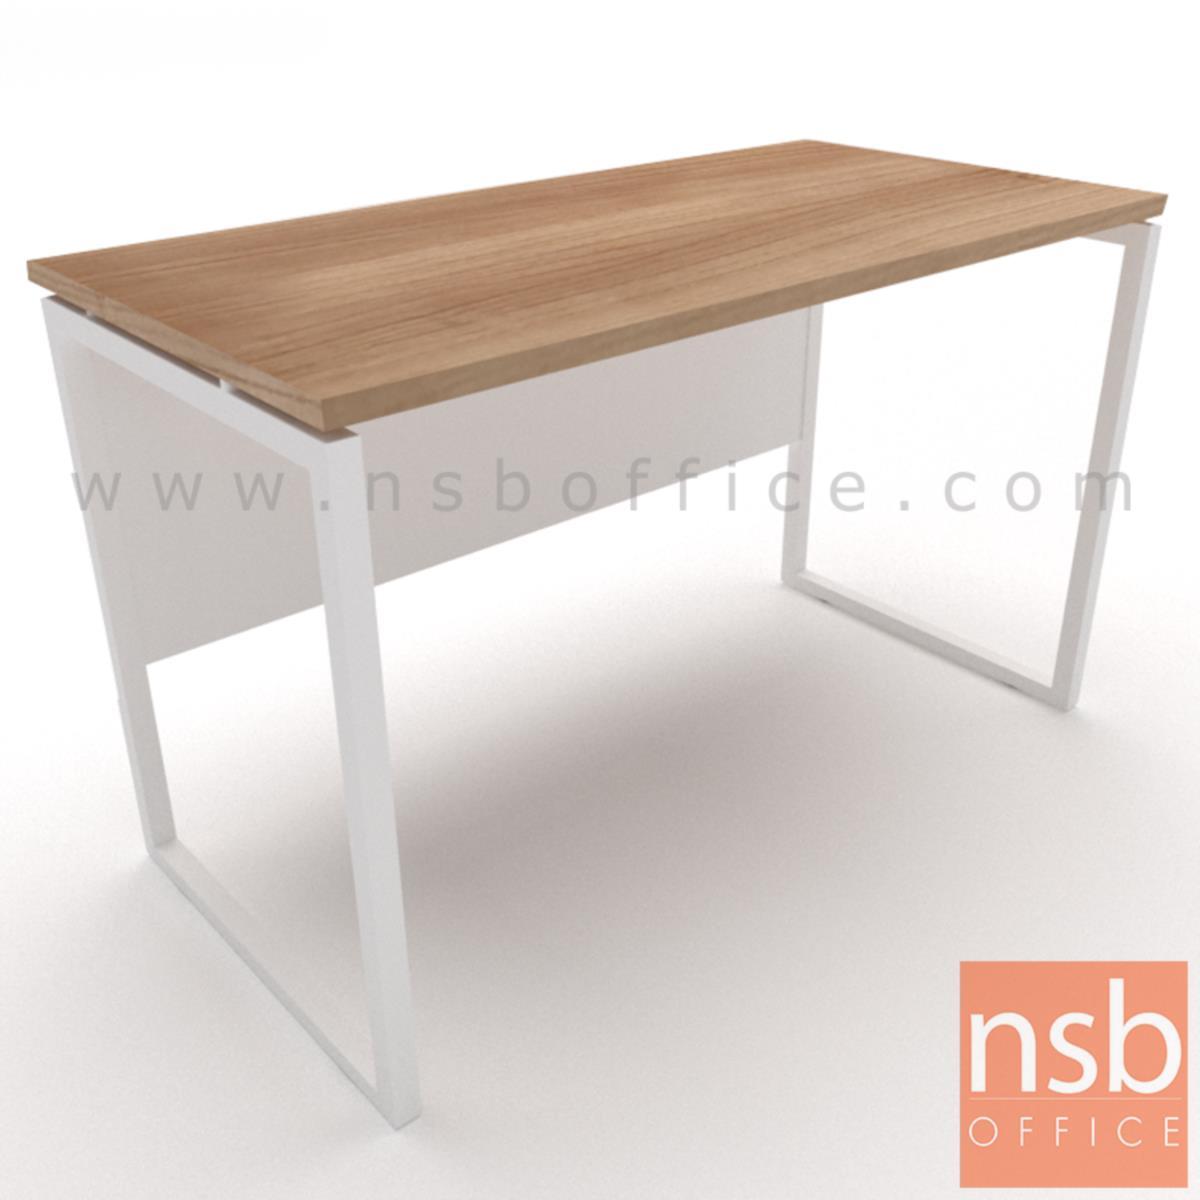 โต๊ะทำงานทรงสี่เหลี่ยม รุ่น Moschino (มอสคิโน่) ขนาด 80W ,120W ,135W, 150W ,160W ,180W cm. ขาเหล็กกล่องพ่นสี